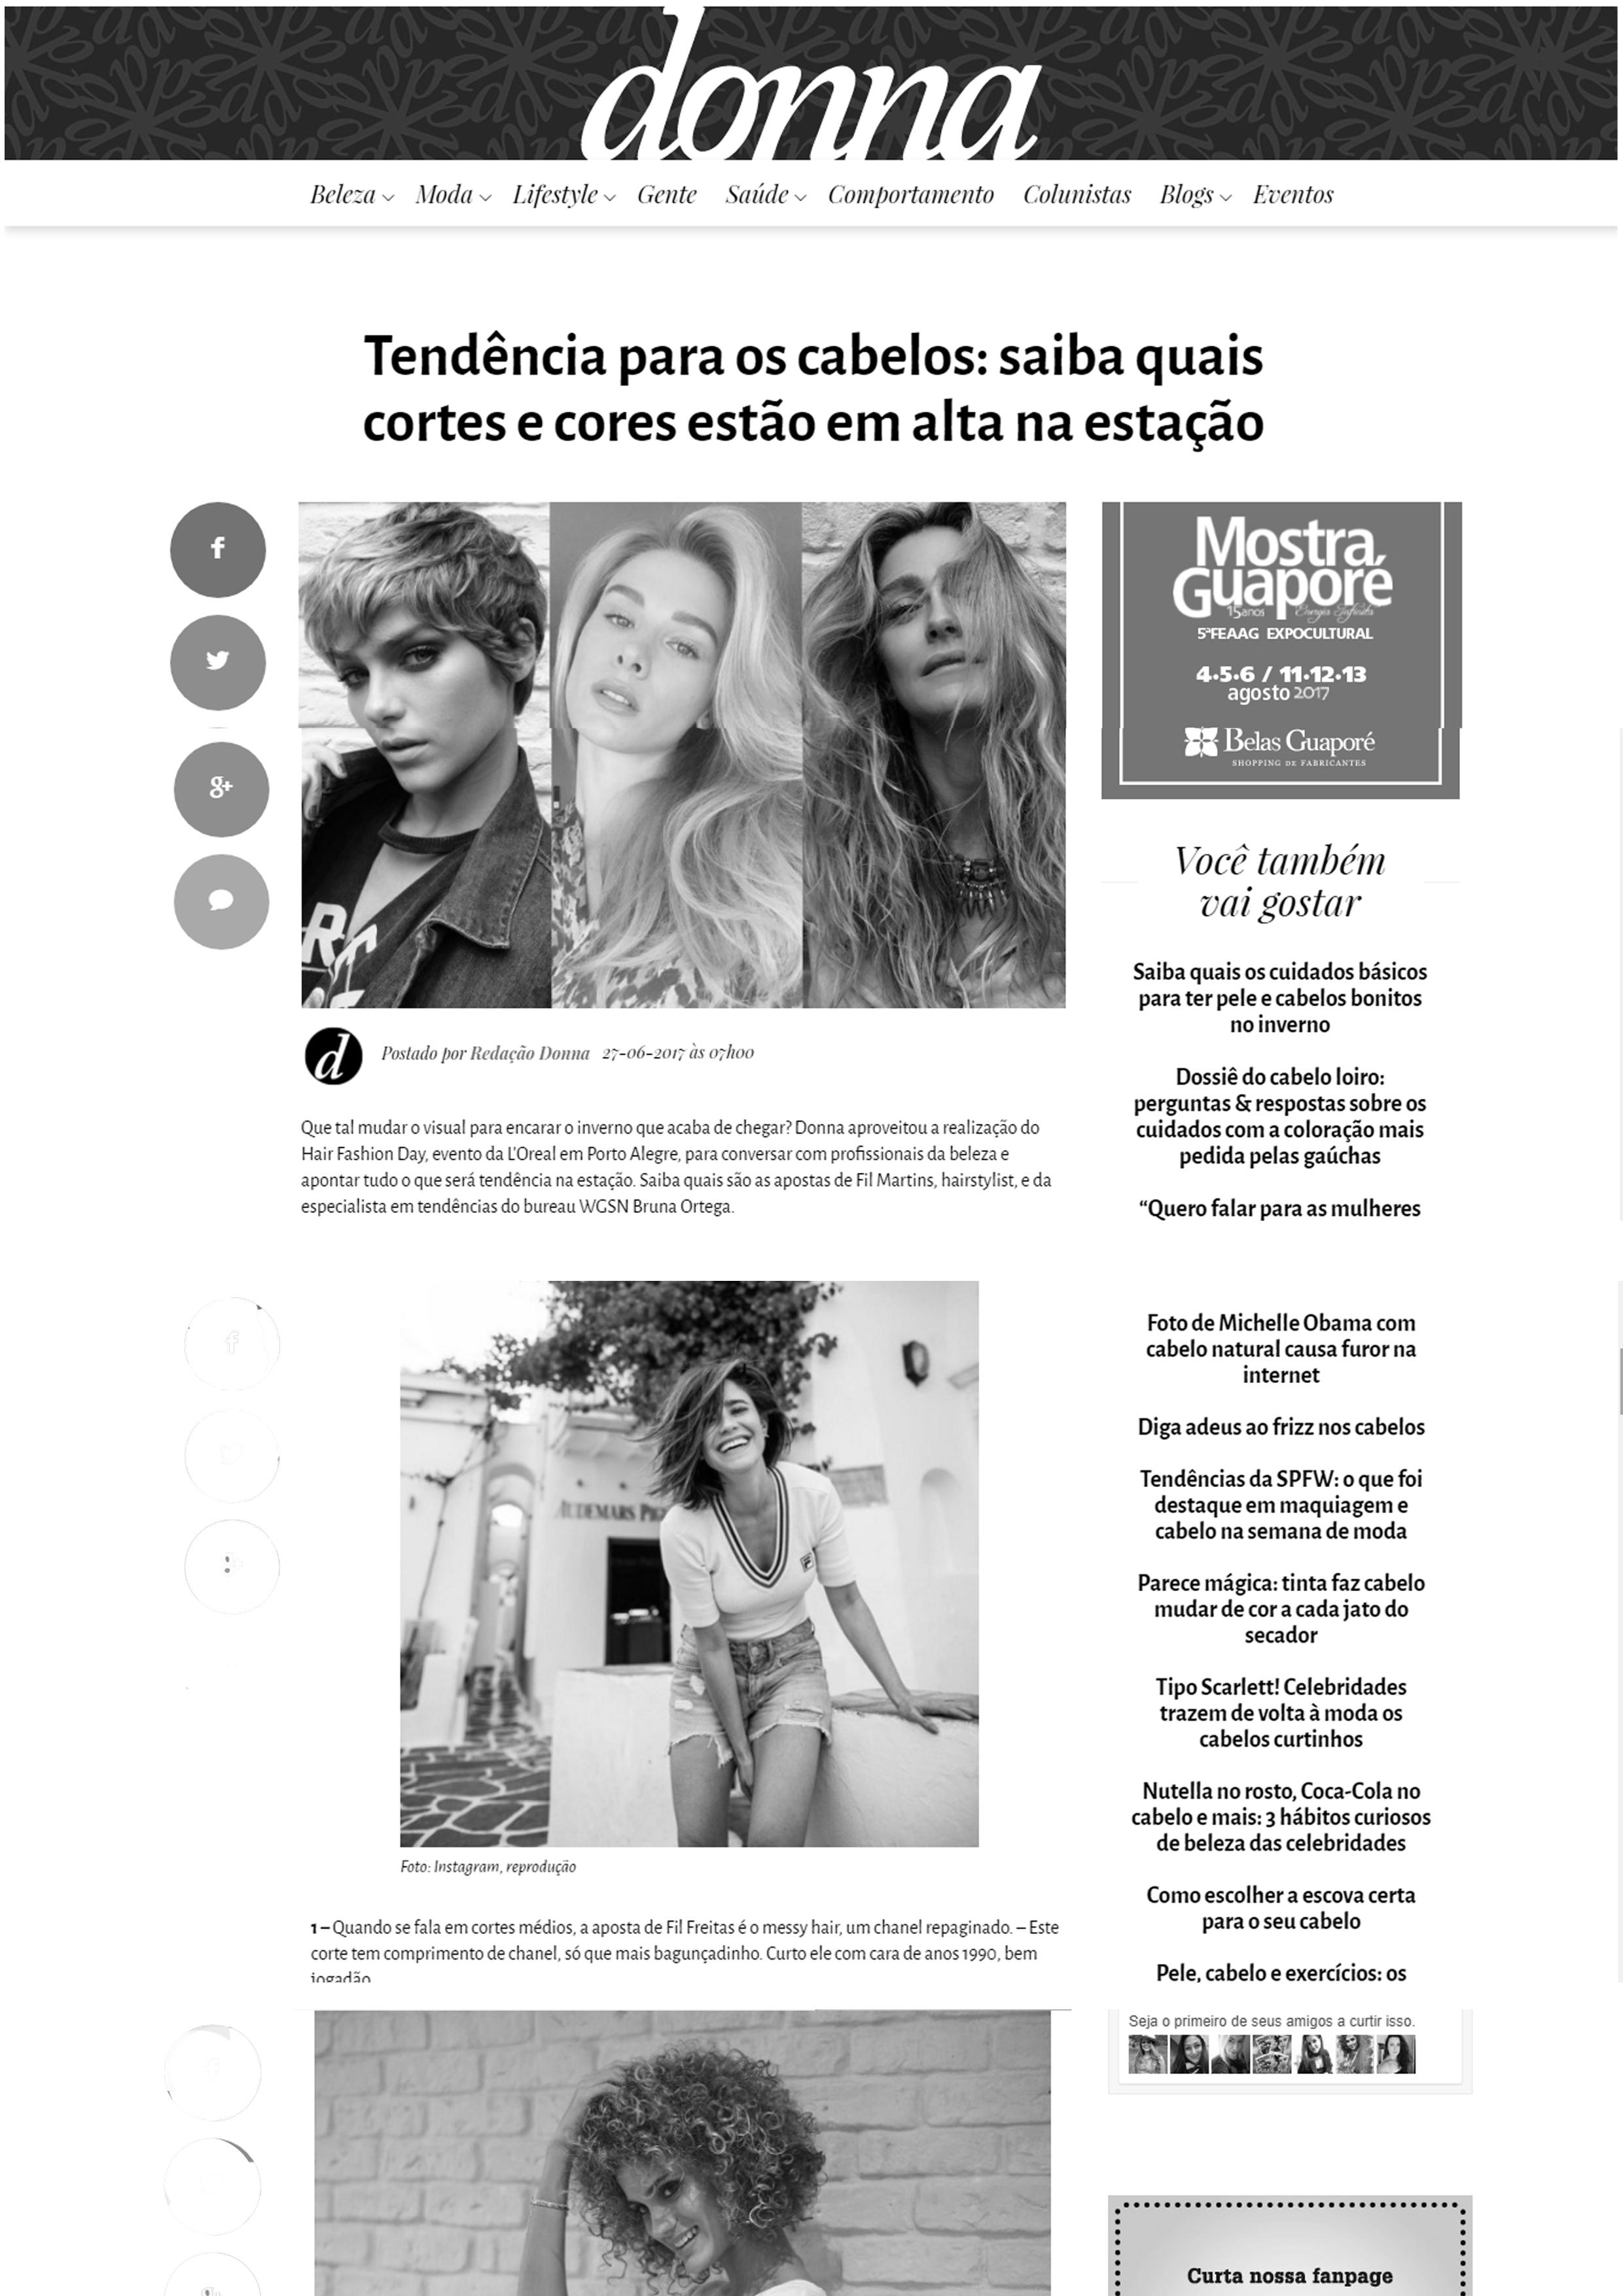 clipping revista donna.jpg